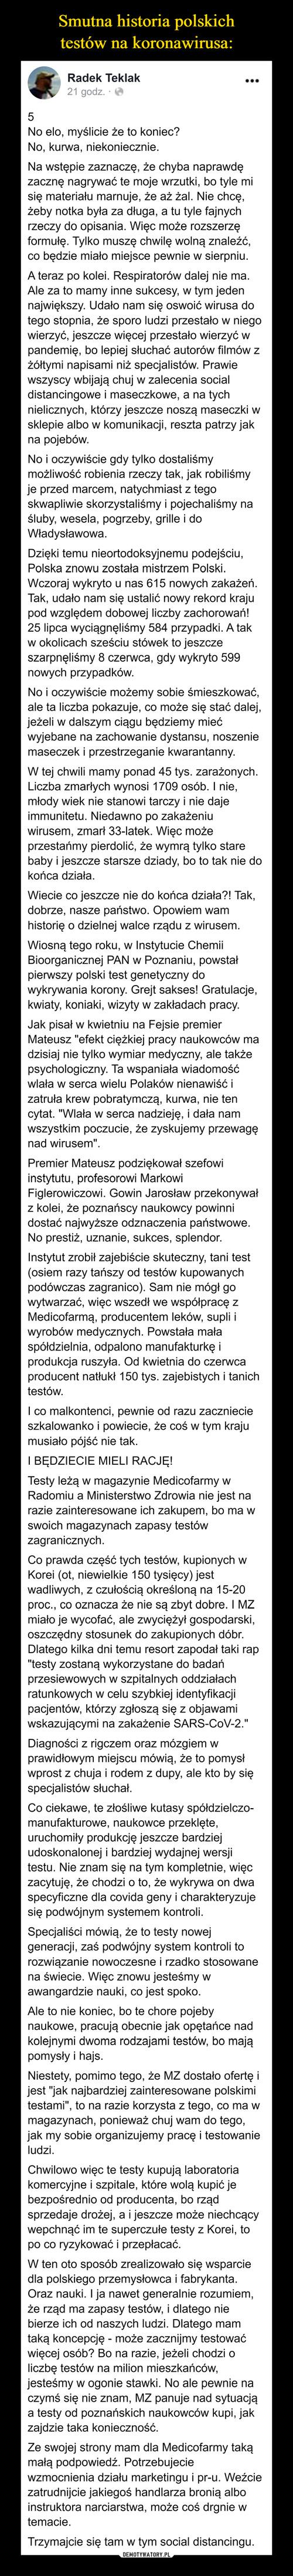 Smutna historia polskich testów na koronawirusa: